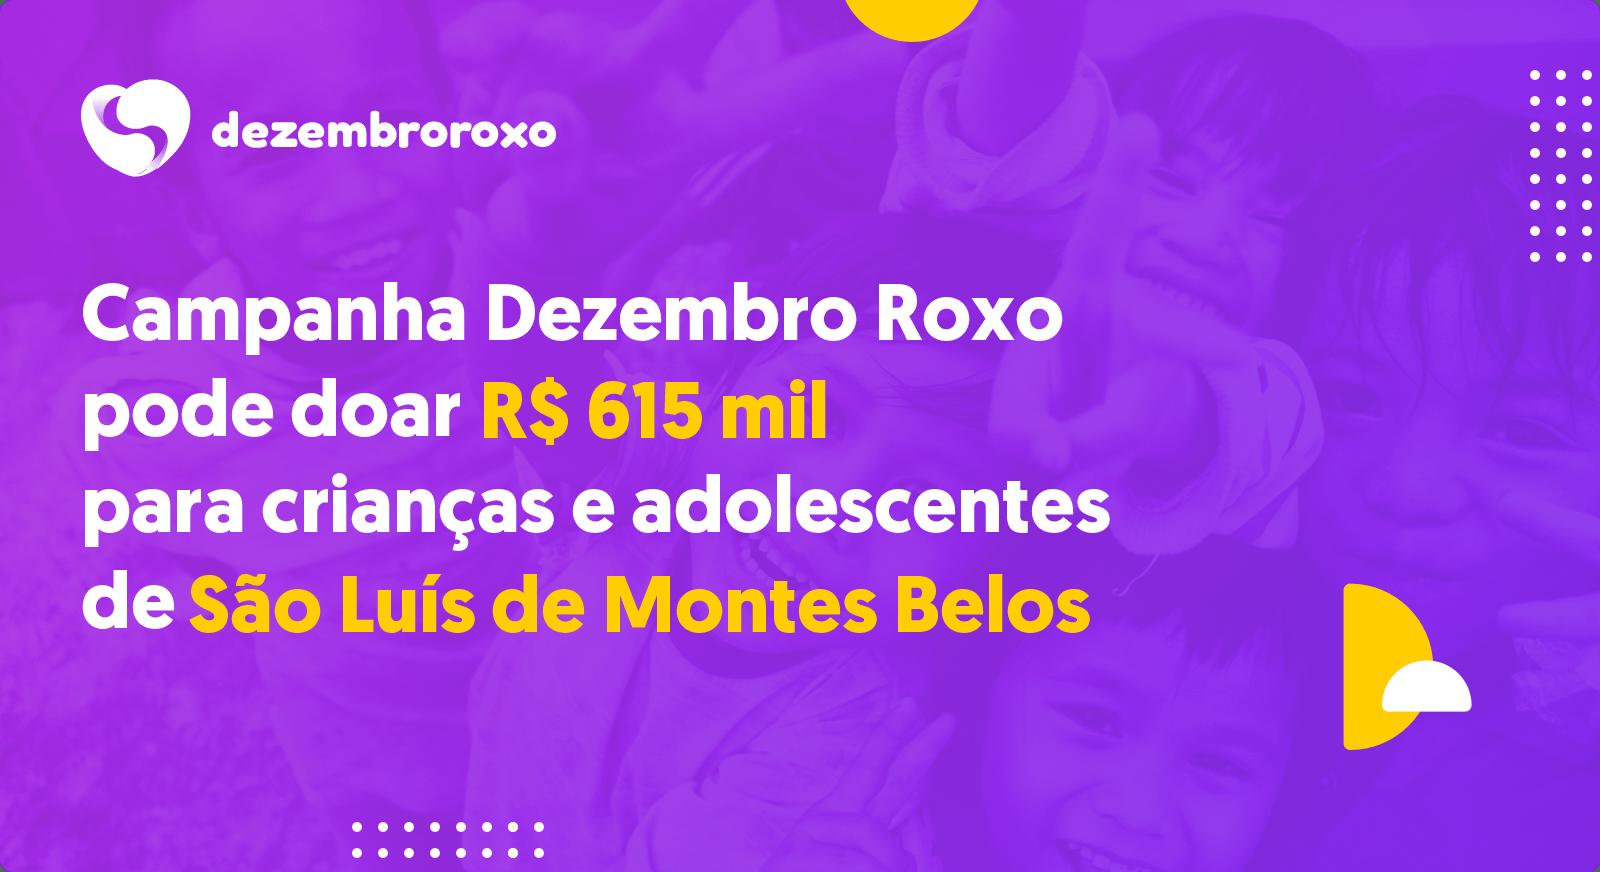 Doações em São Luís de Montes Belos - GO